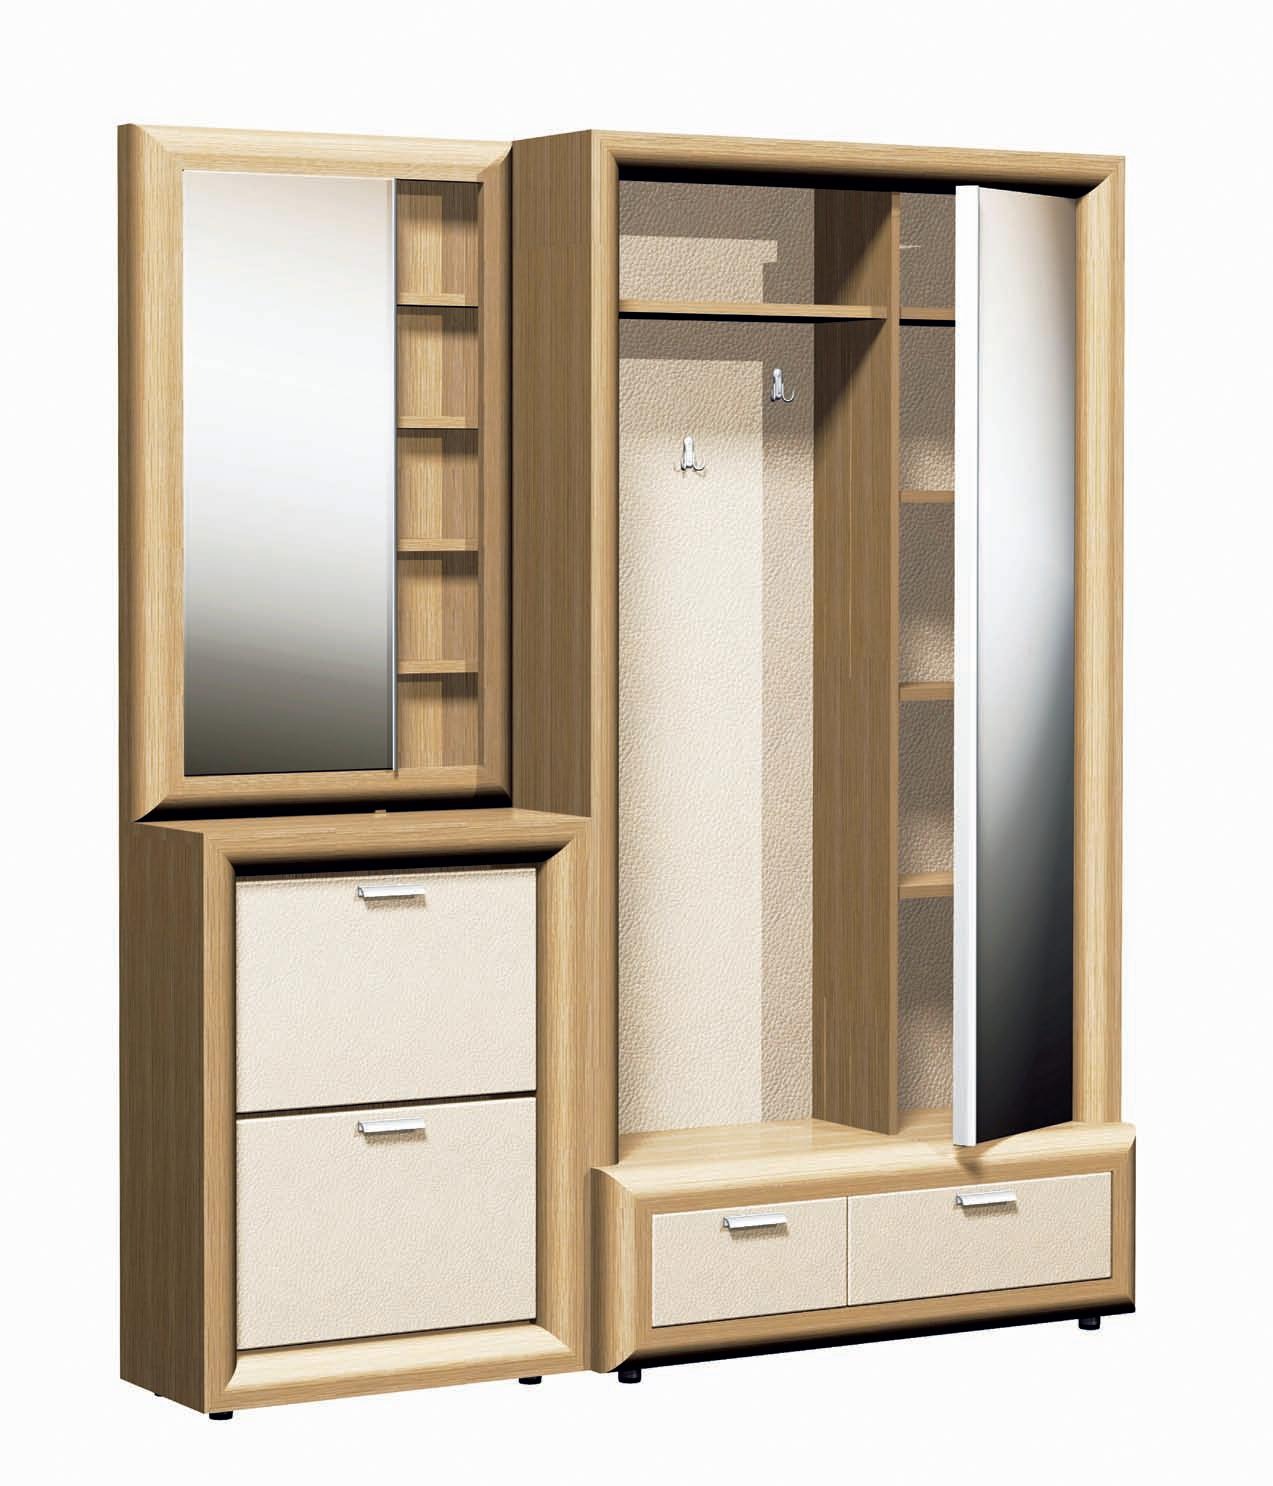 Виды шкафов купе, типы шкафов купе, виды встроенных шкафов к.